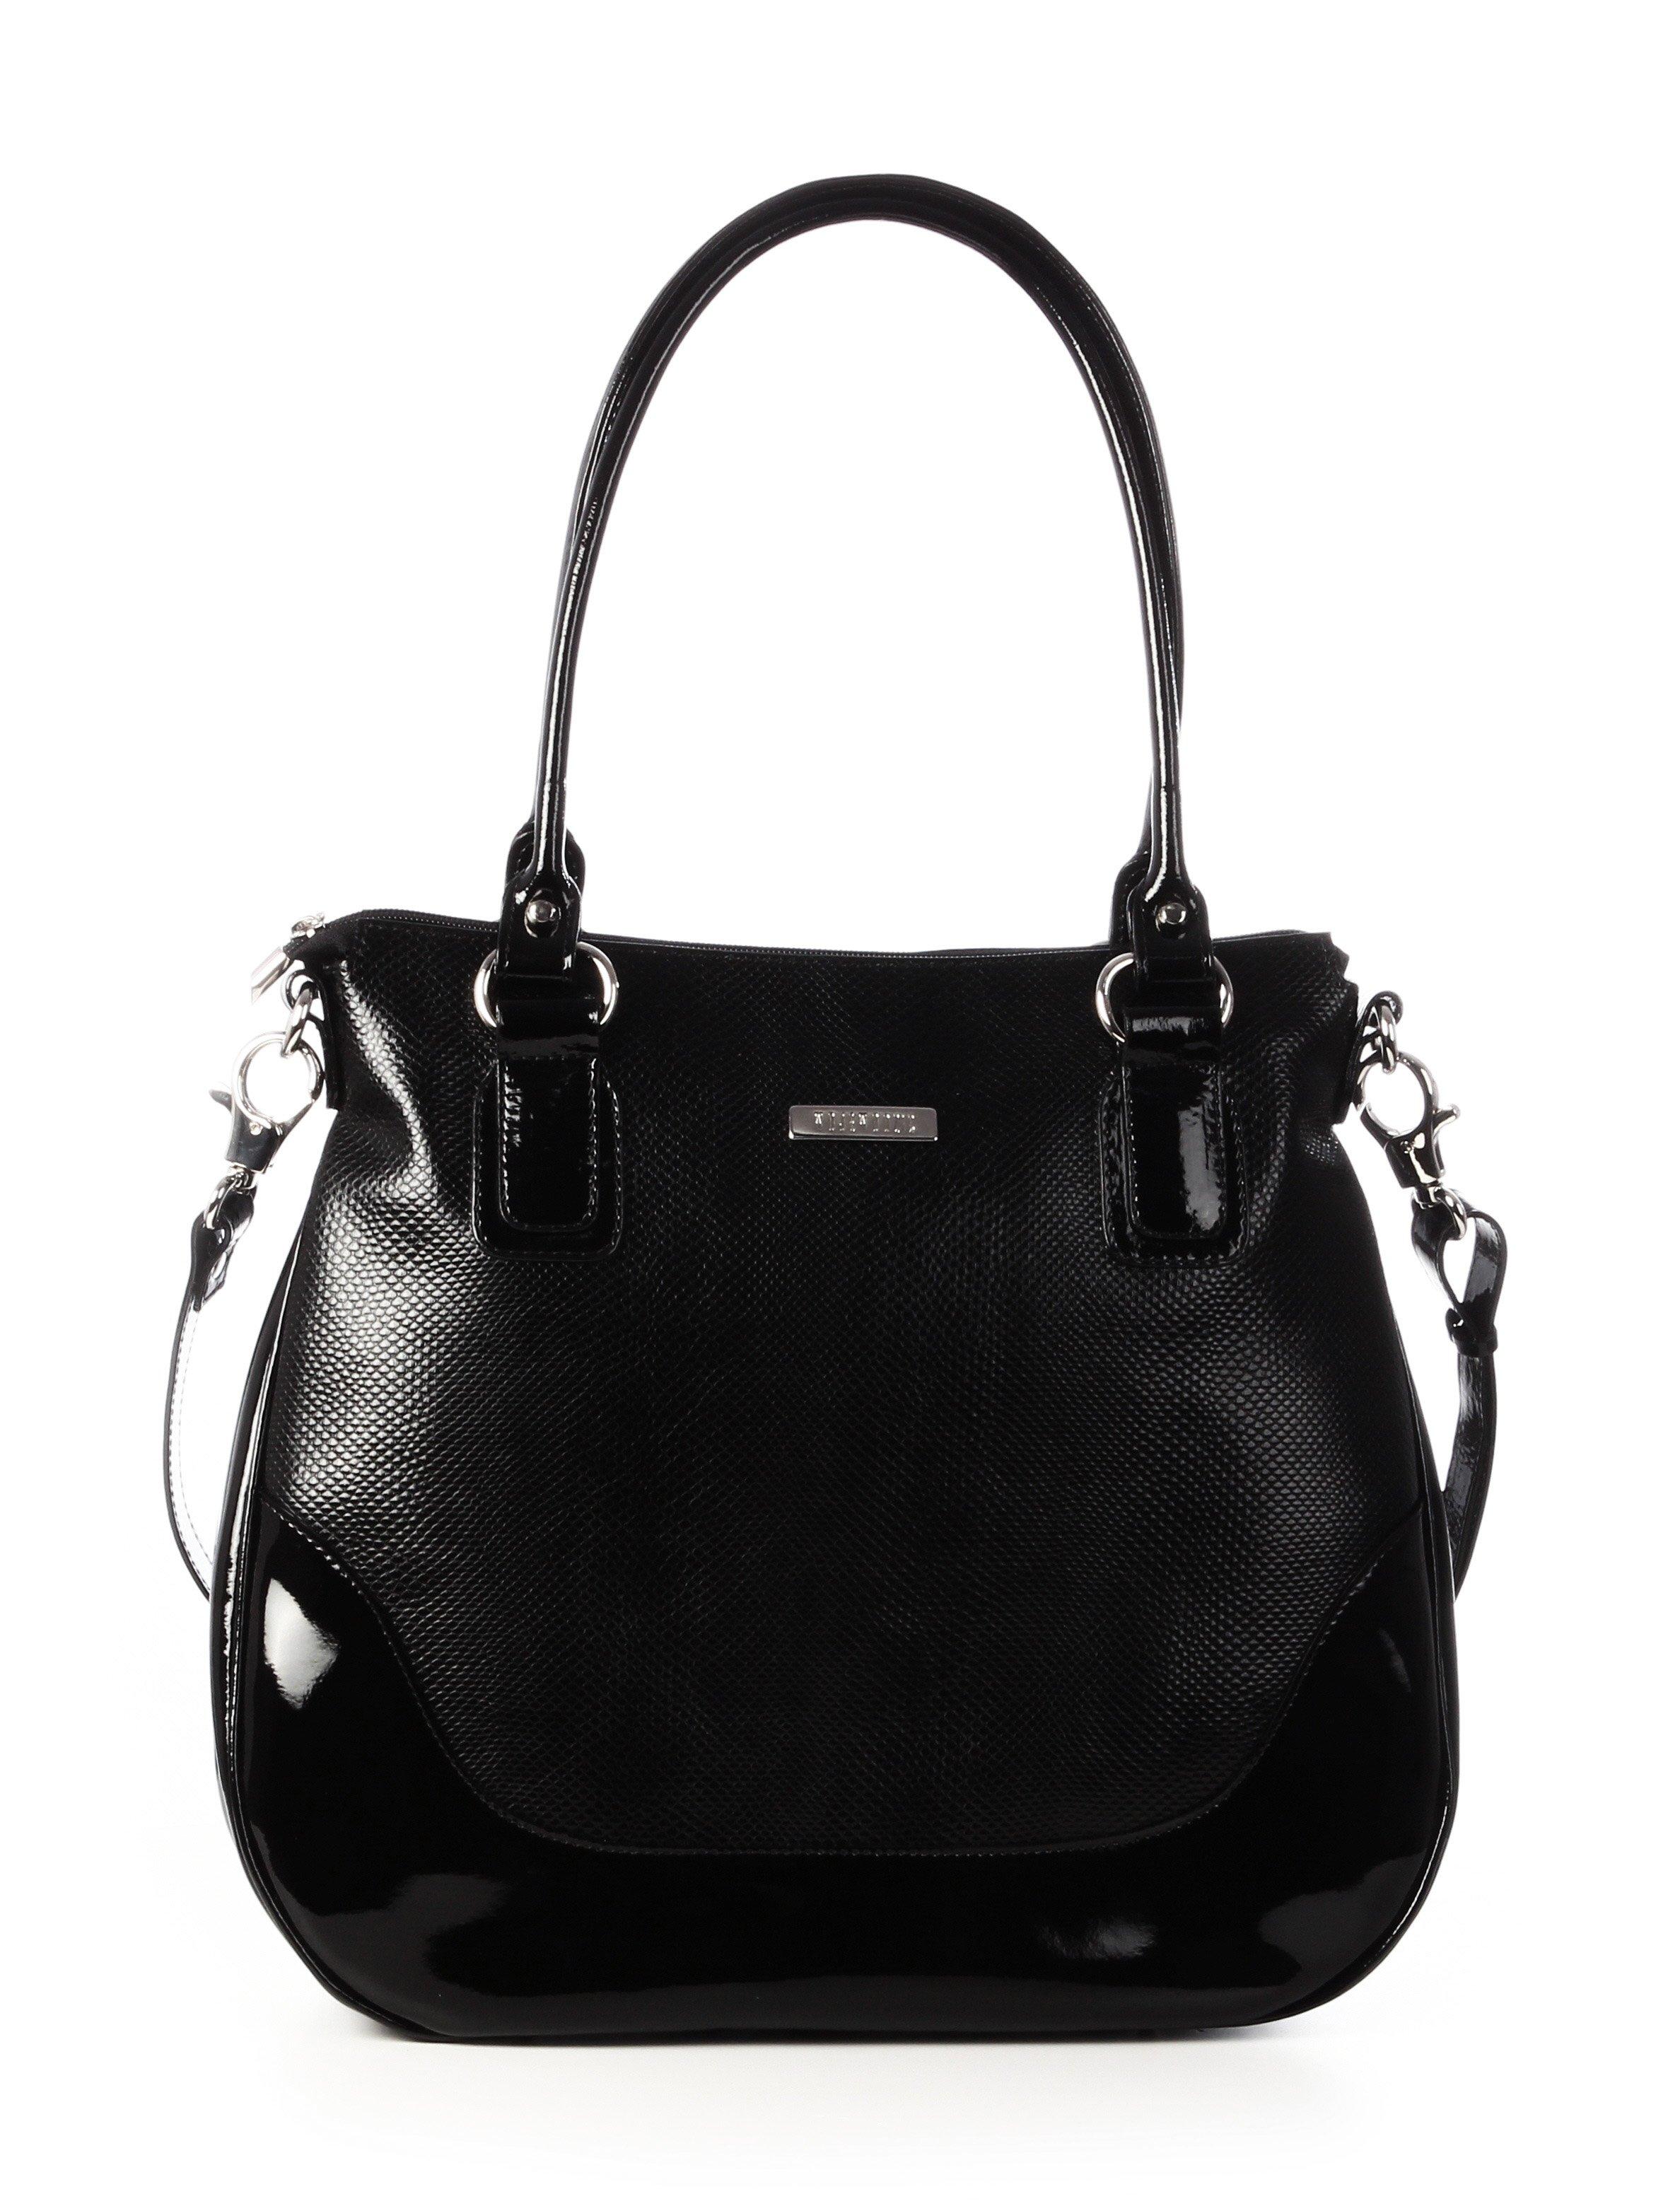 Luxusní černé dámské kožené kabelky na rameno Wojewodzic 31110/PC01/PL01